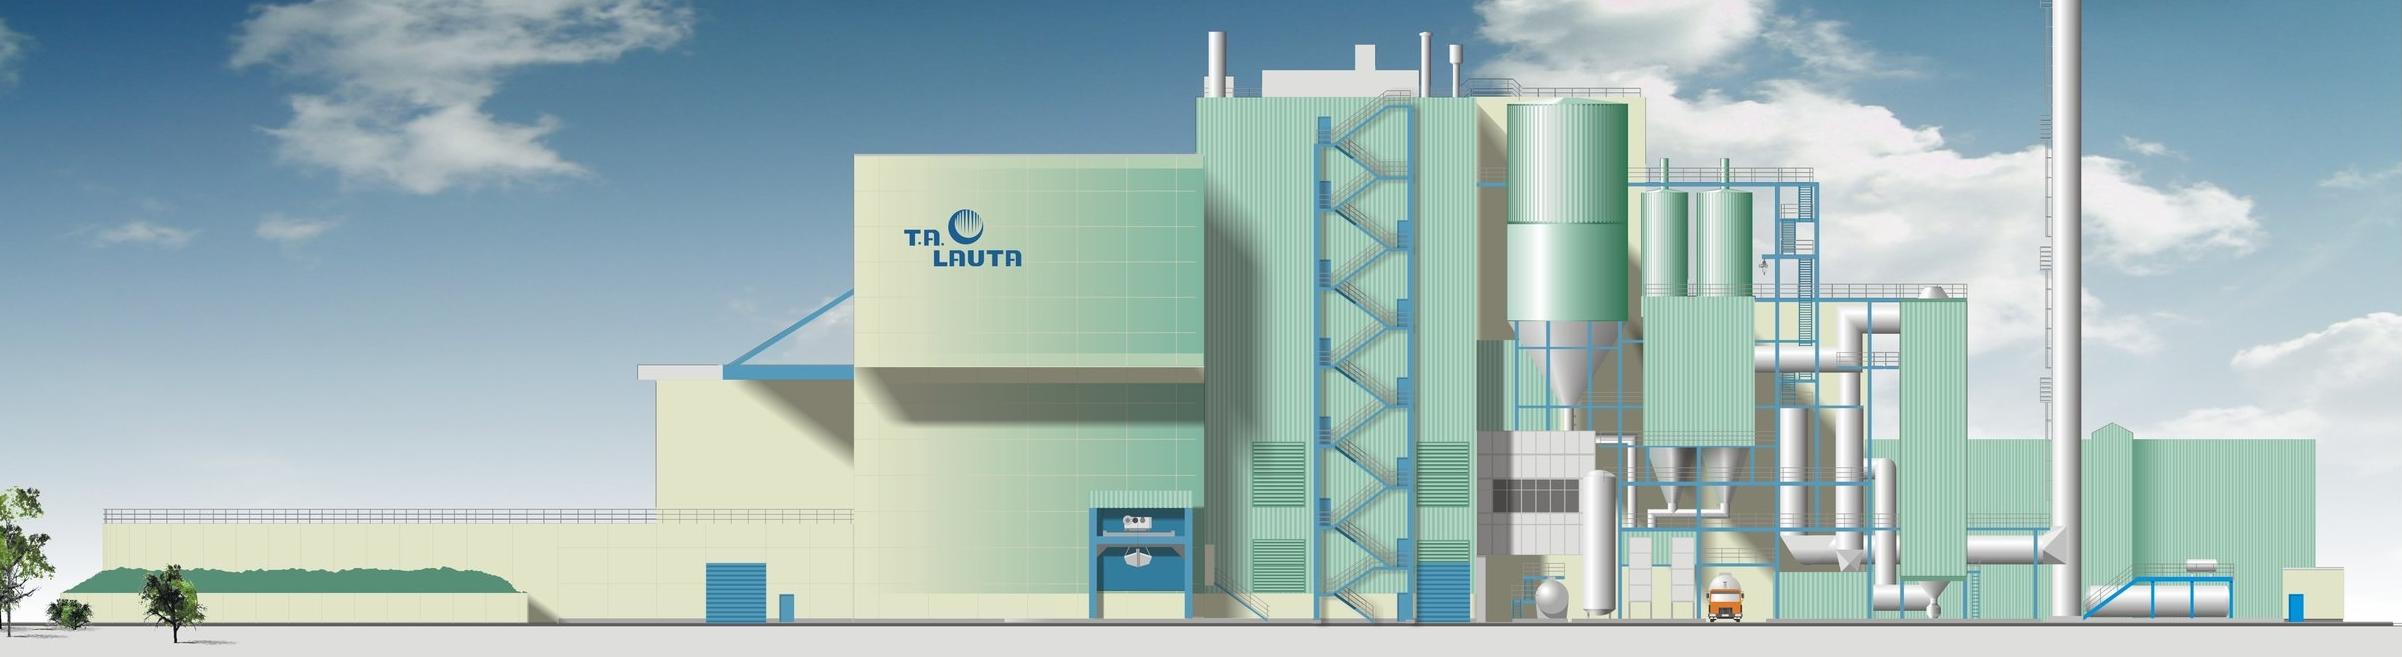 Fassadengestaltung-Industrie-Entwurf-Kraftwerk-Lauta.jpg